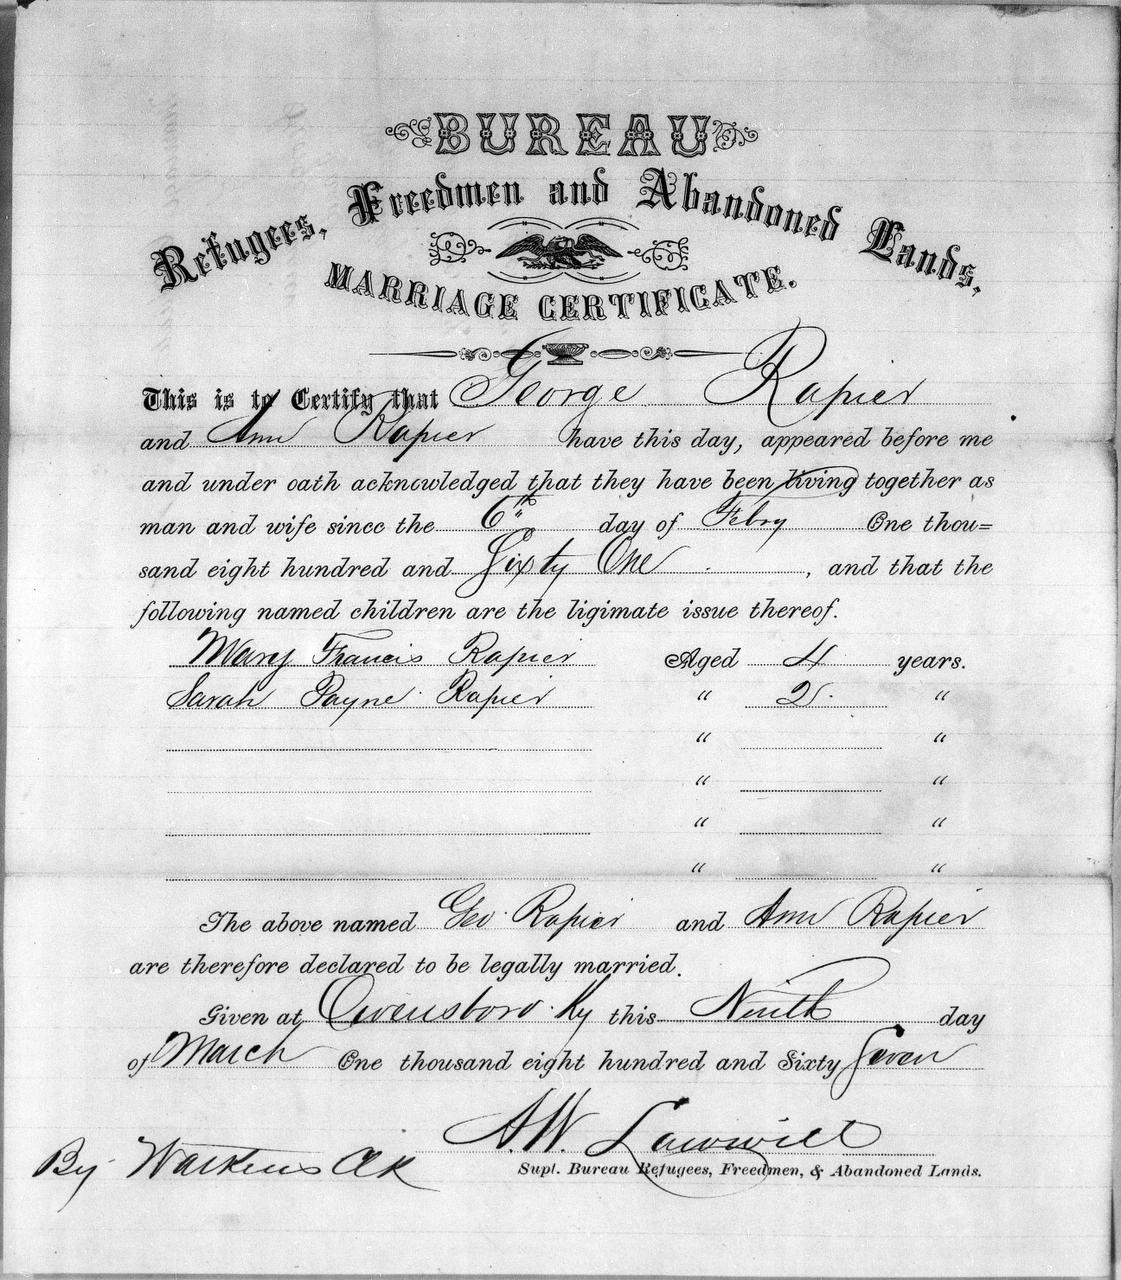 Historic Freedmen's Bureau records now available online